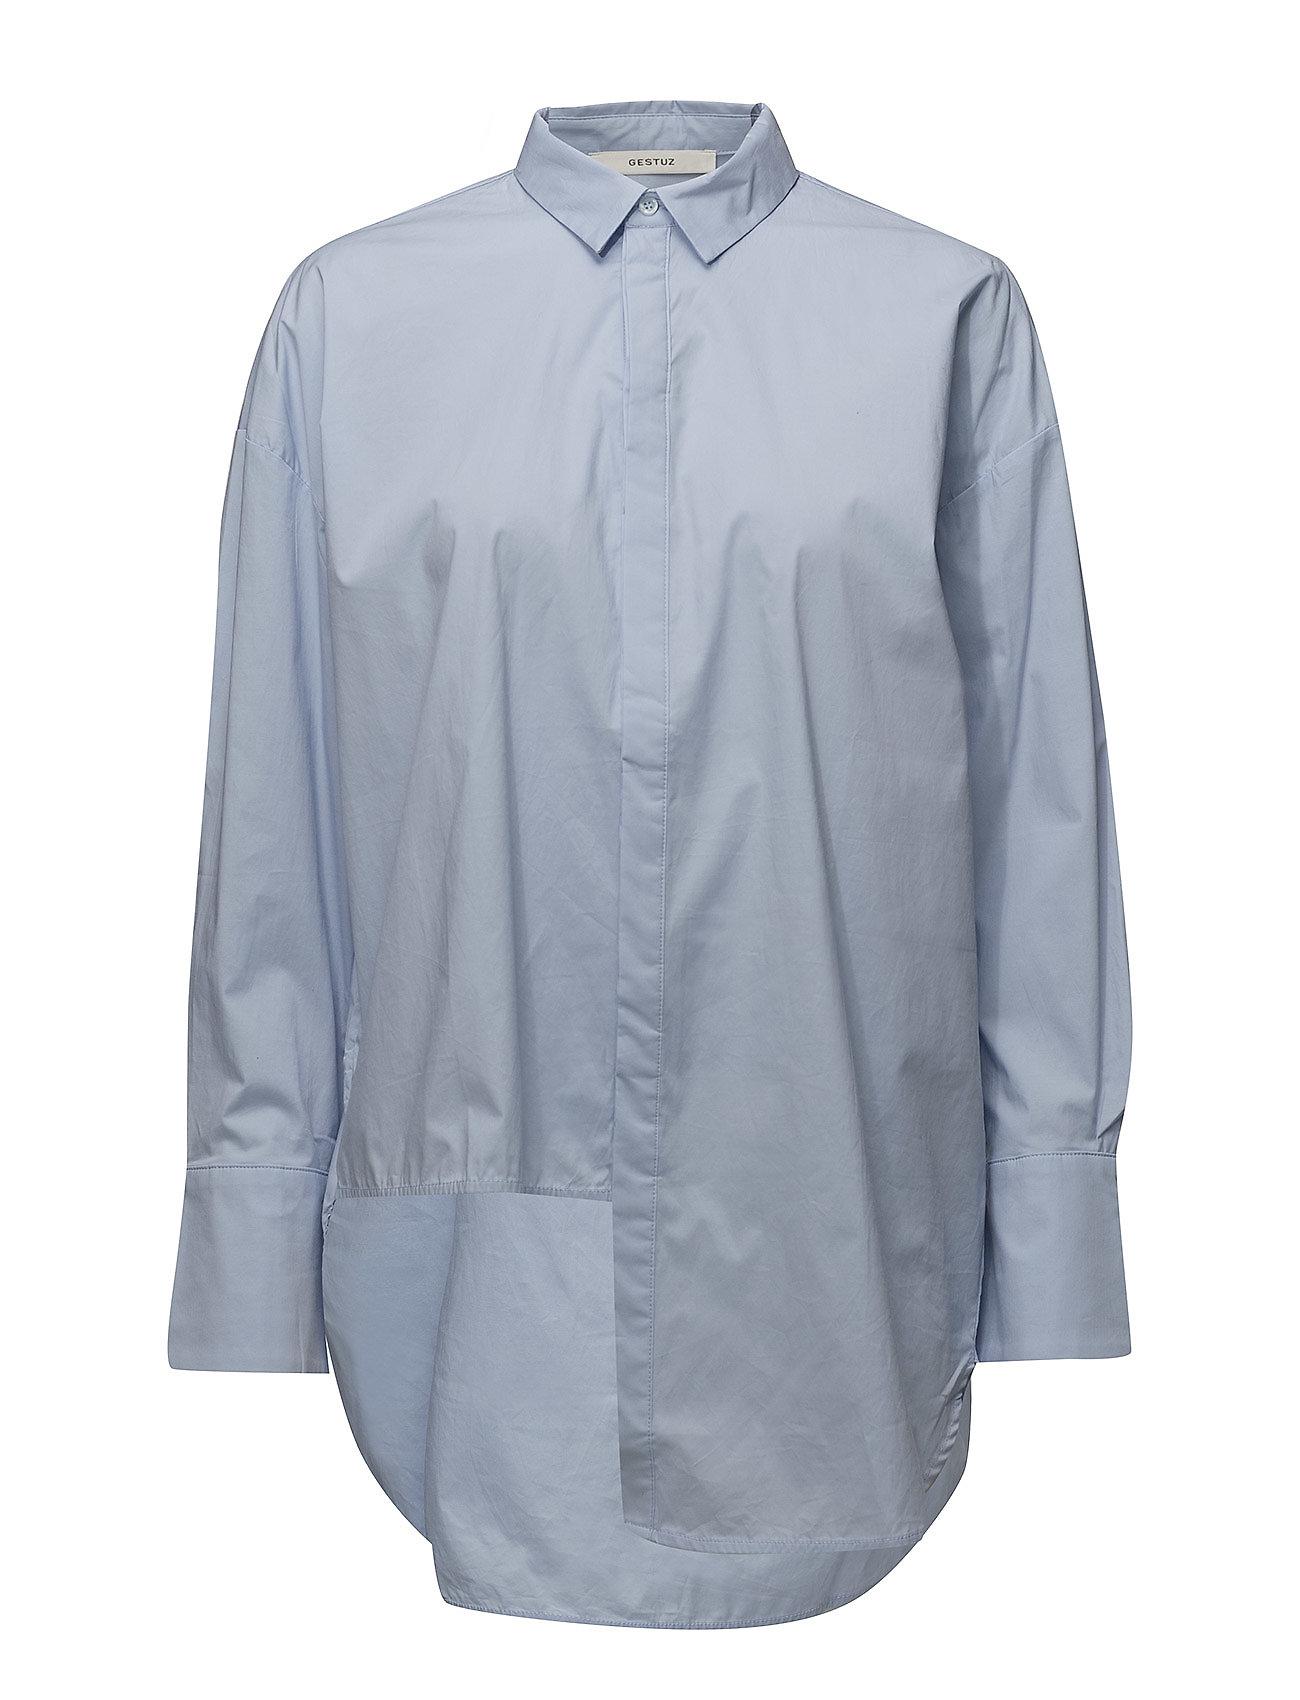 Image of Amati Shirt So18 (2877166189)